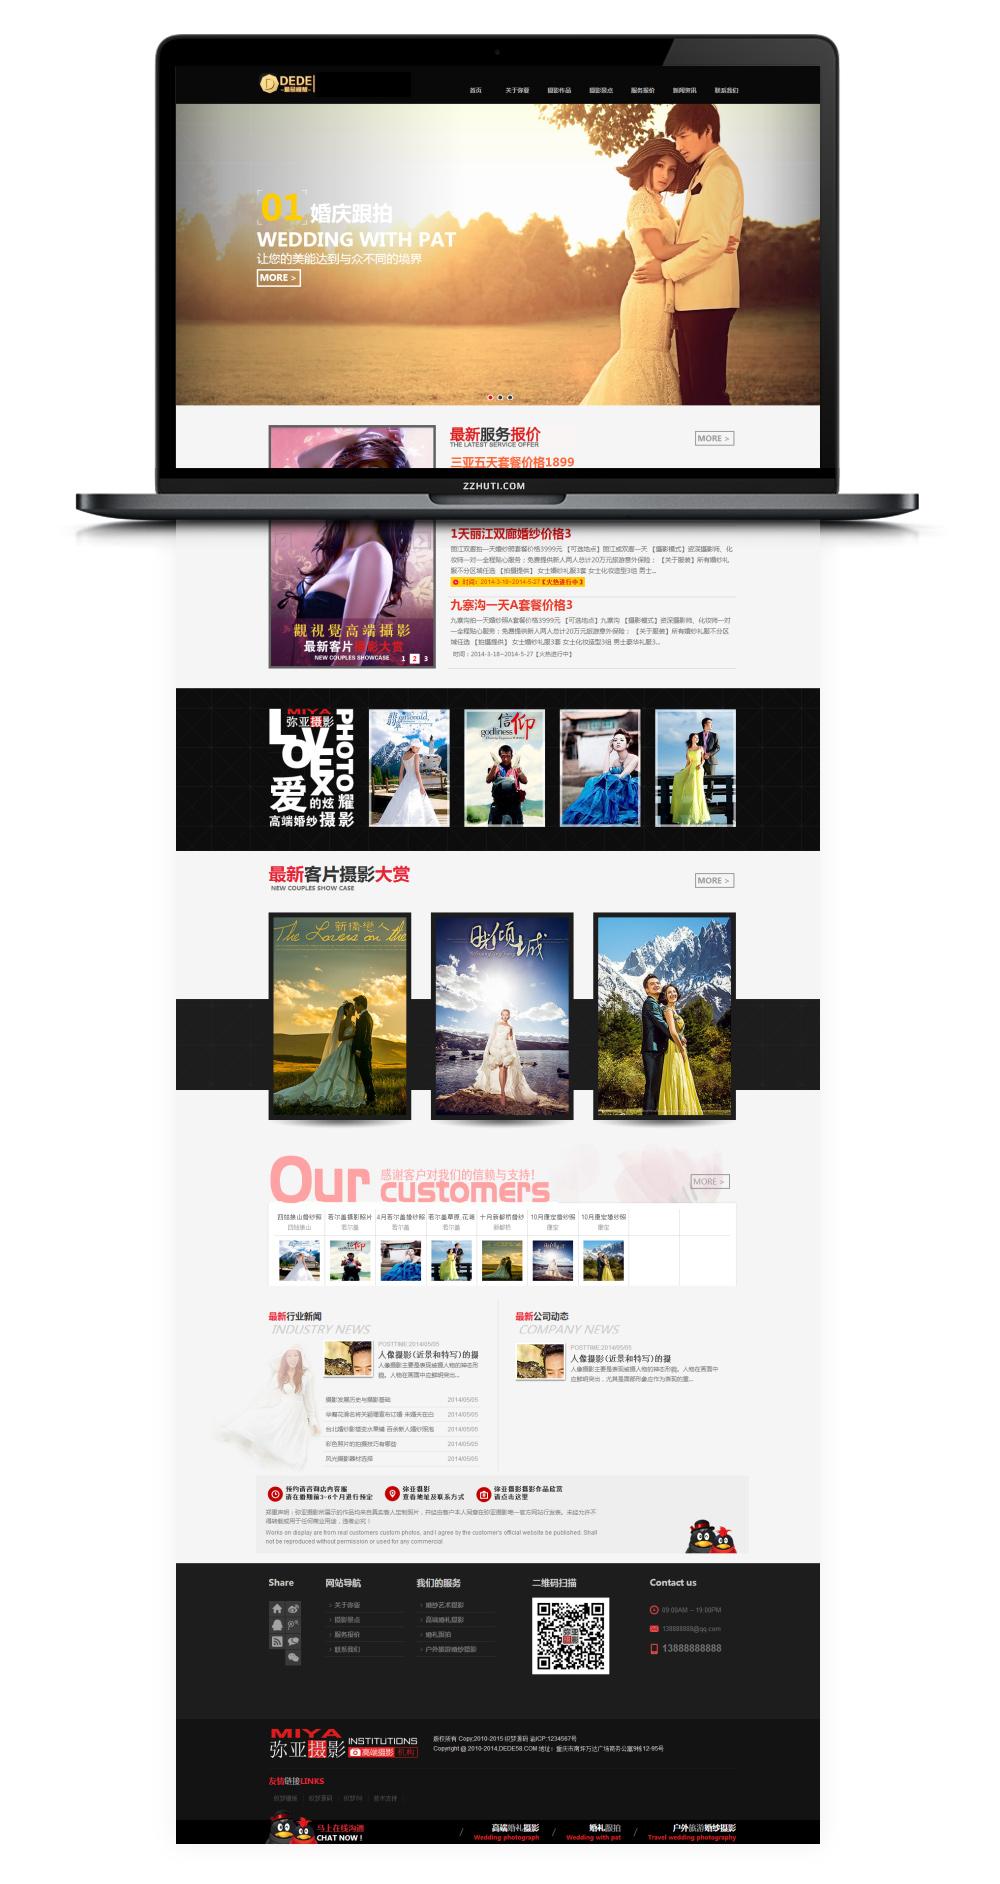 DEDECMS响应式网站室外风景拍摄类网址织梦模板(HTML5响应式移动端)-找主题源码